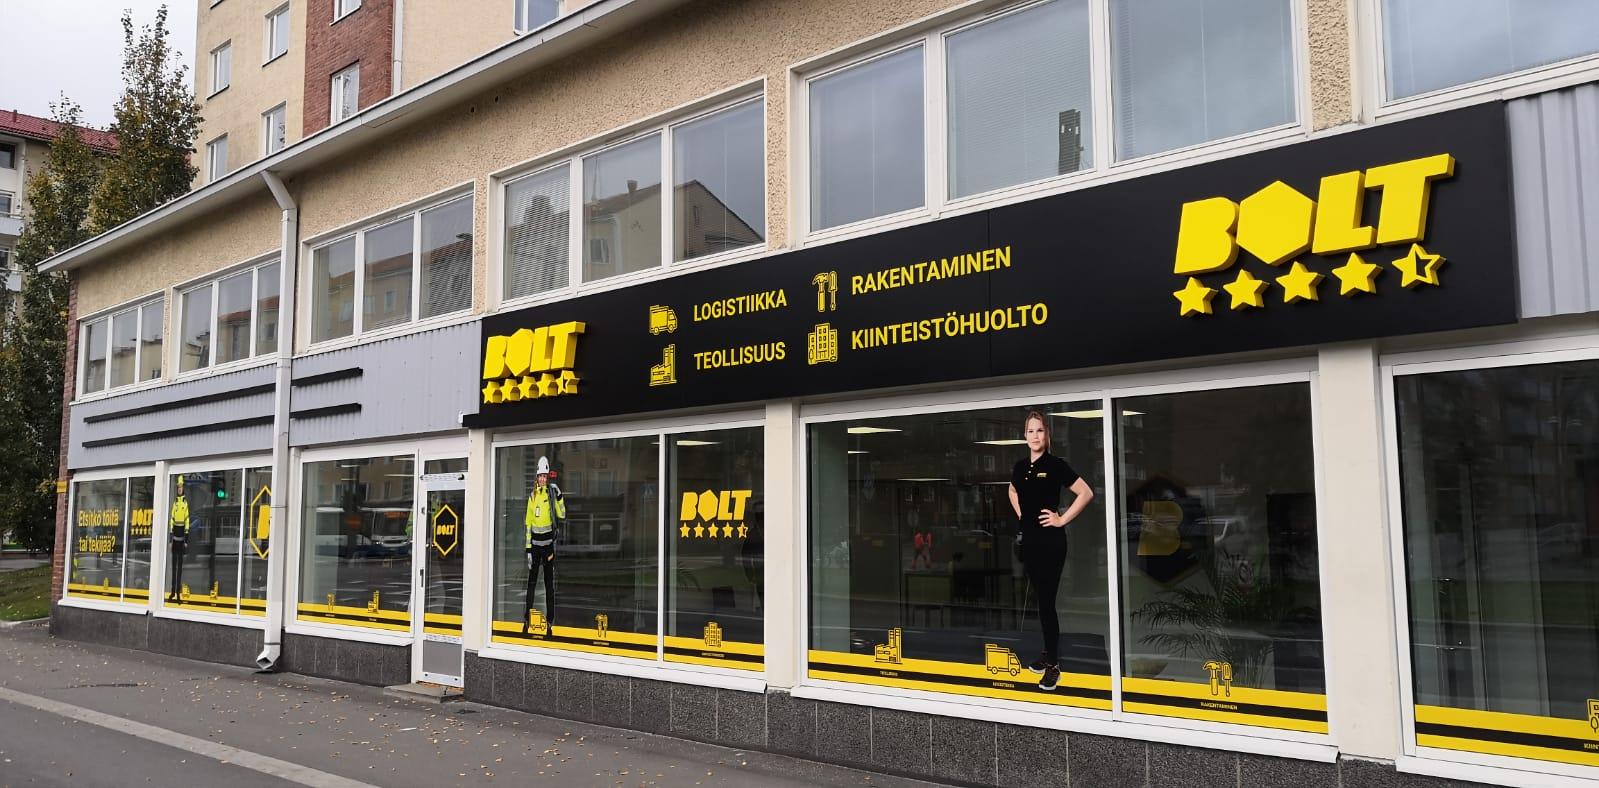 Tampereella sijaitseva Bolt.works toimiston ulkoasu uudistettiin teippaamalla ikkunat ja asentamalla upeat valomainokset rakennuksen kylkeen.